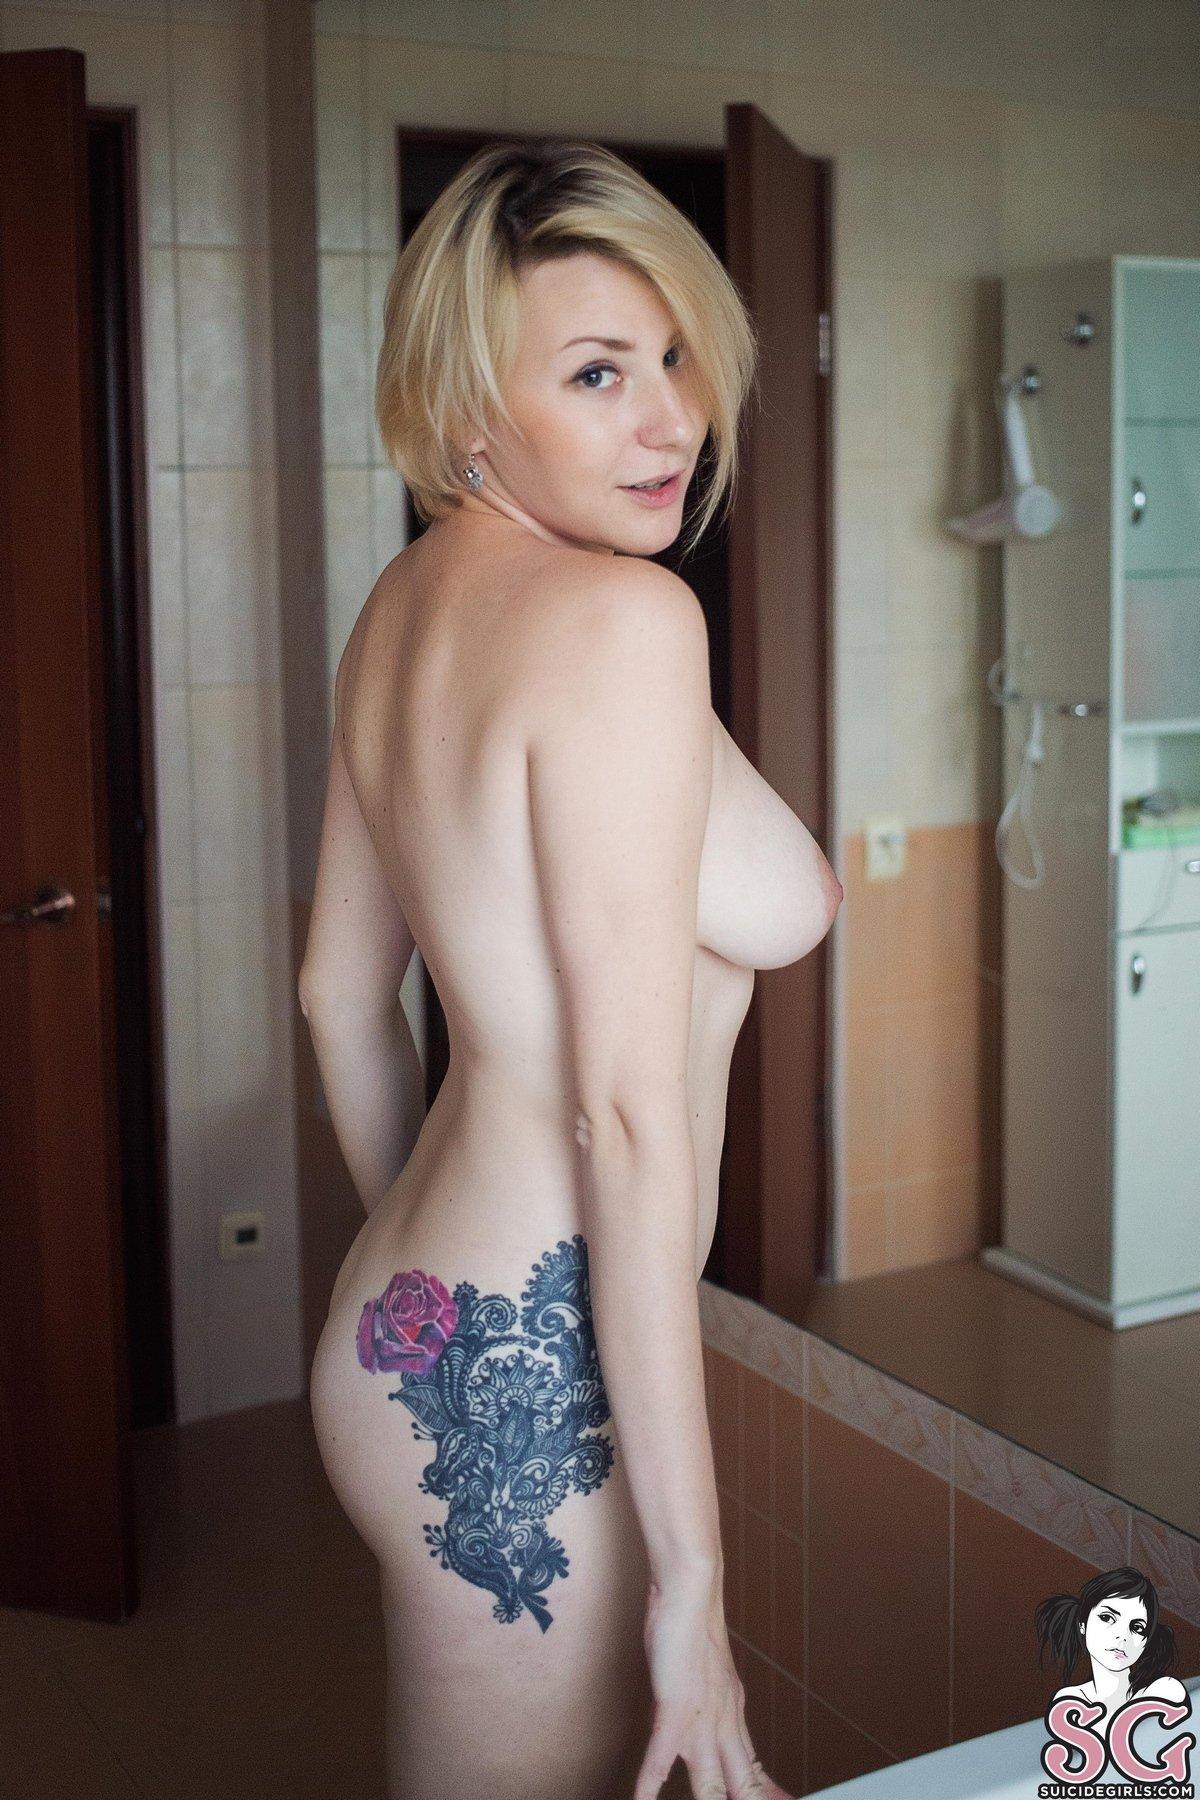 Светловолосая девушка с татуировкой на бедре под струями душа